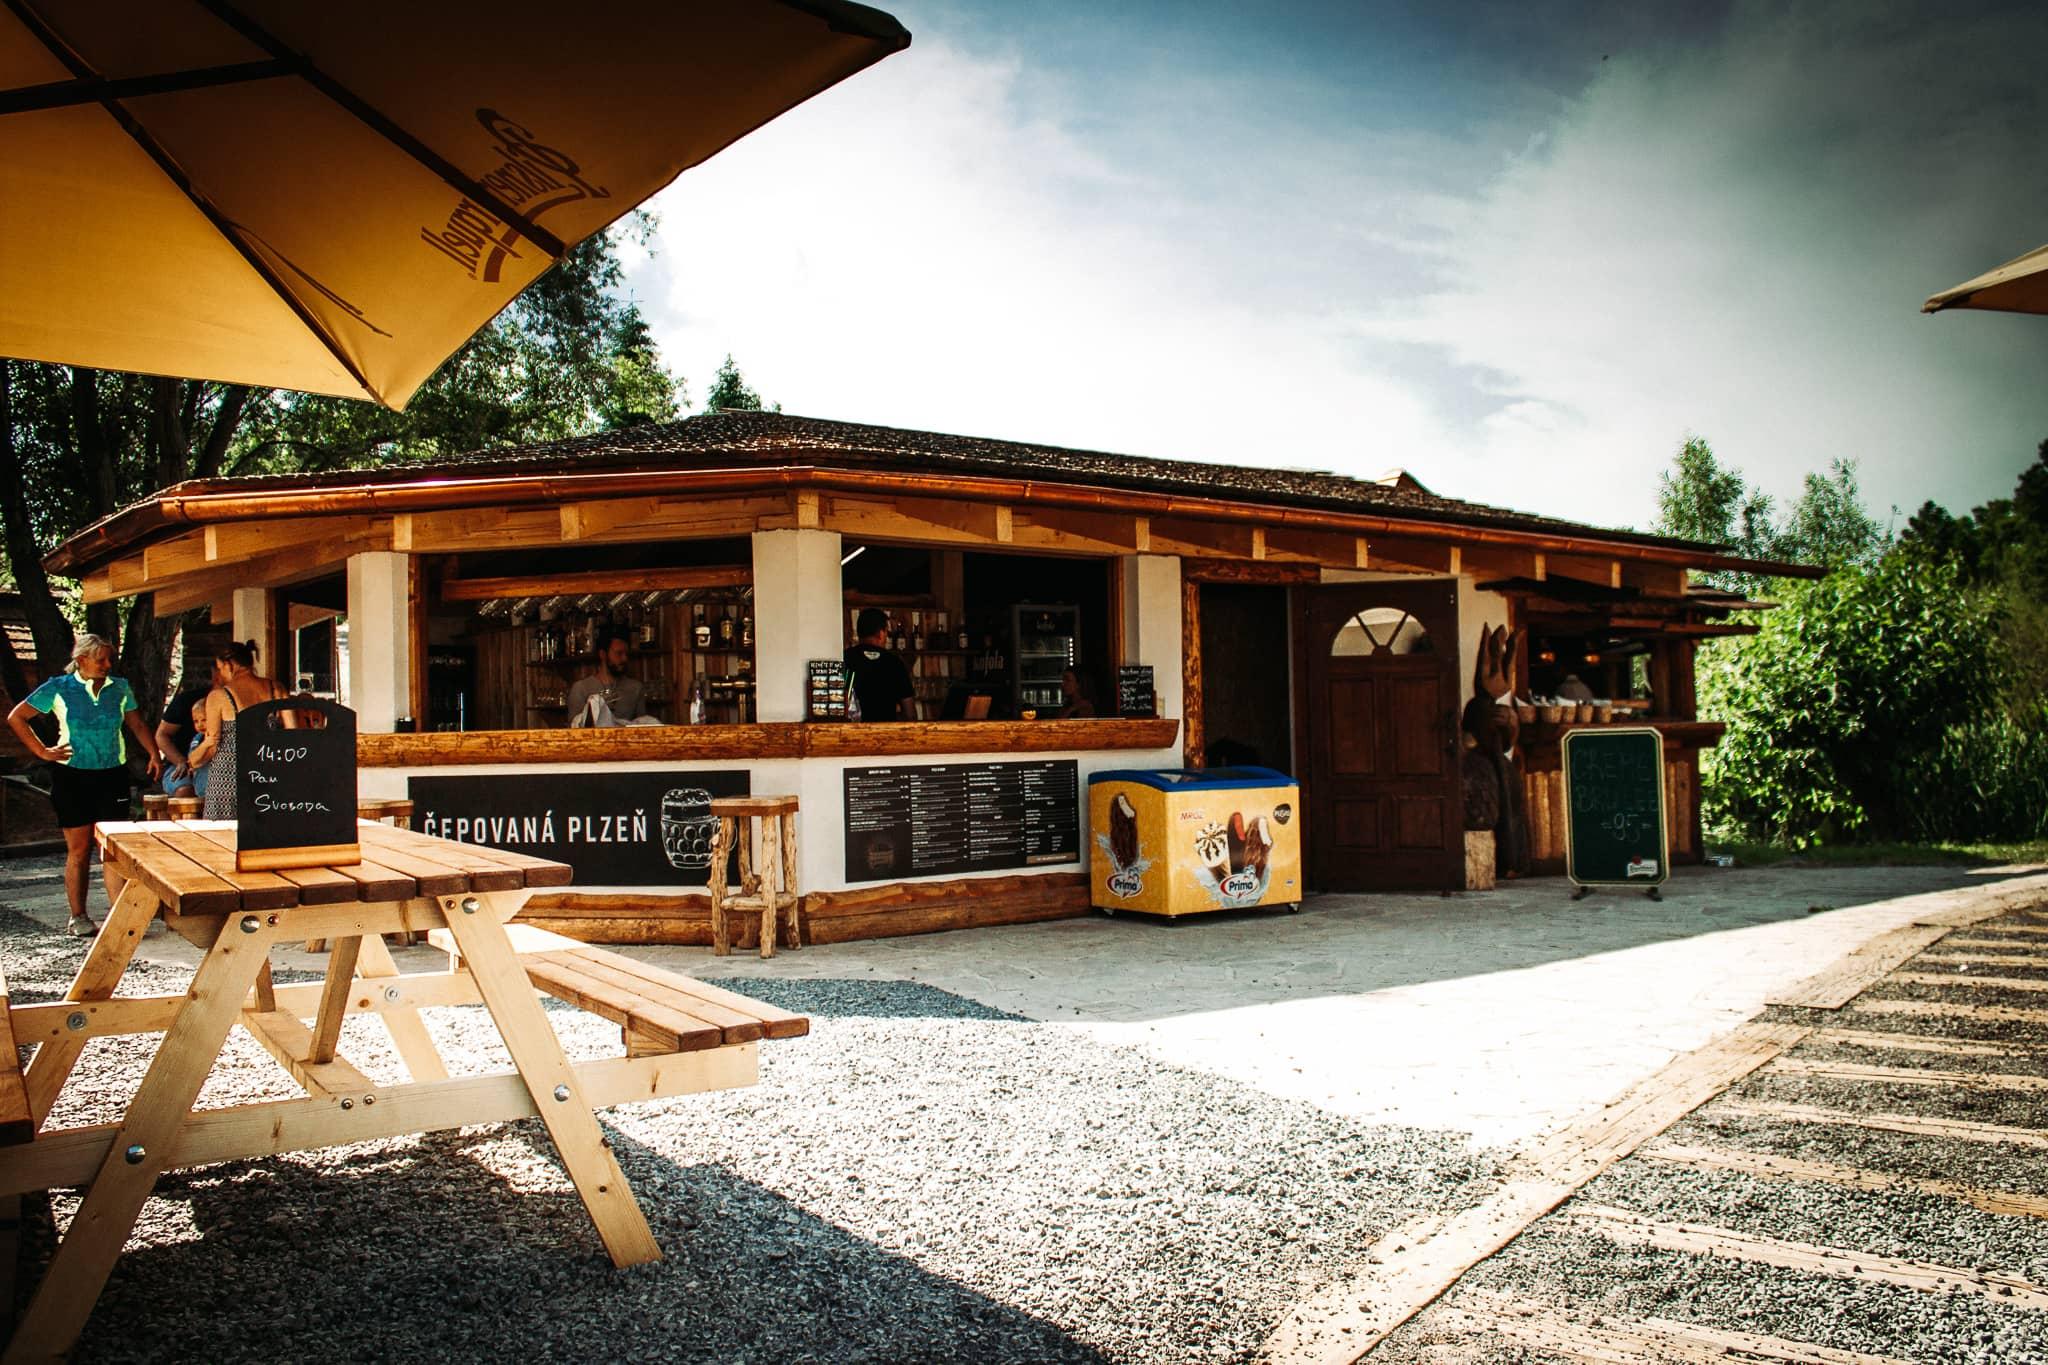 Letní Bistro Ranč v Resort Svět. Burgery, pizza a gril kousek za Prahou, Úžice, Kralupy nad Vltavou.